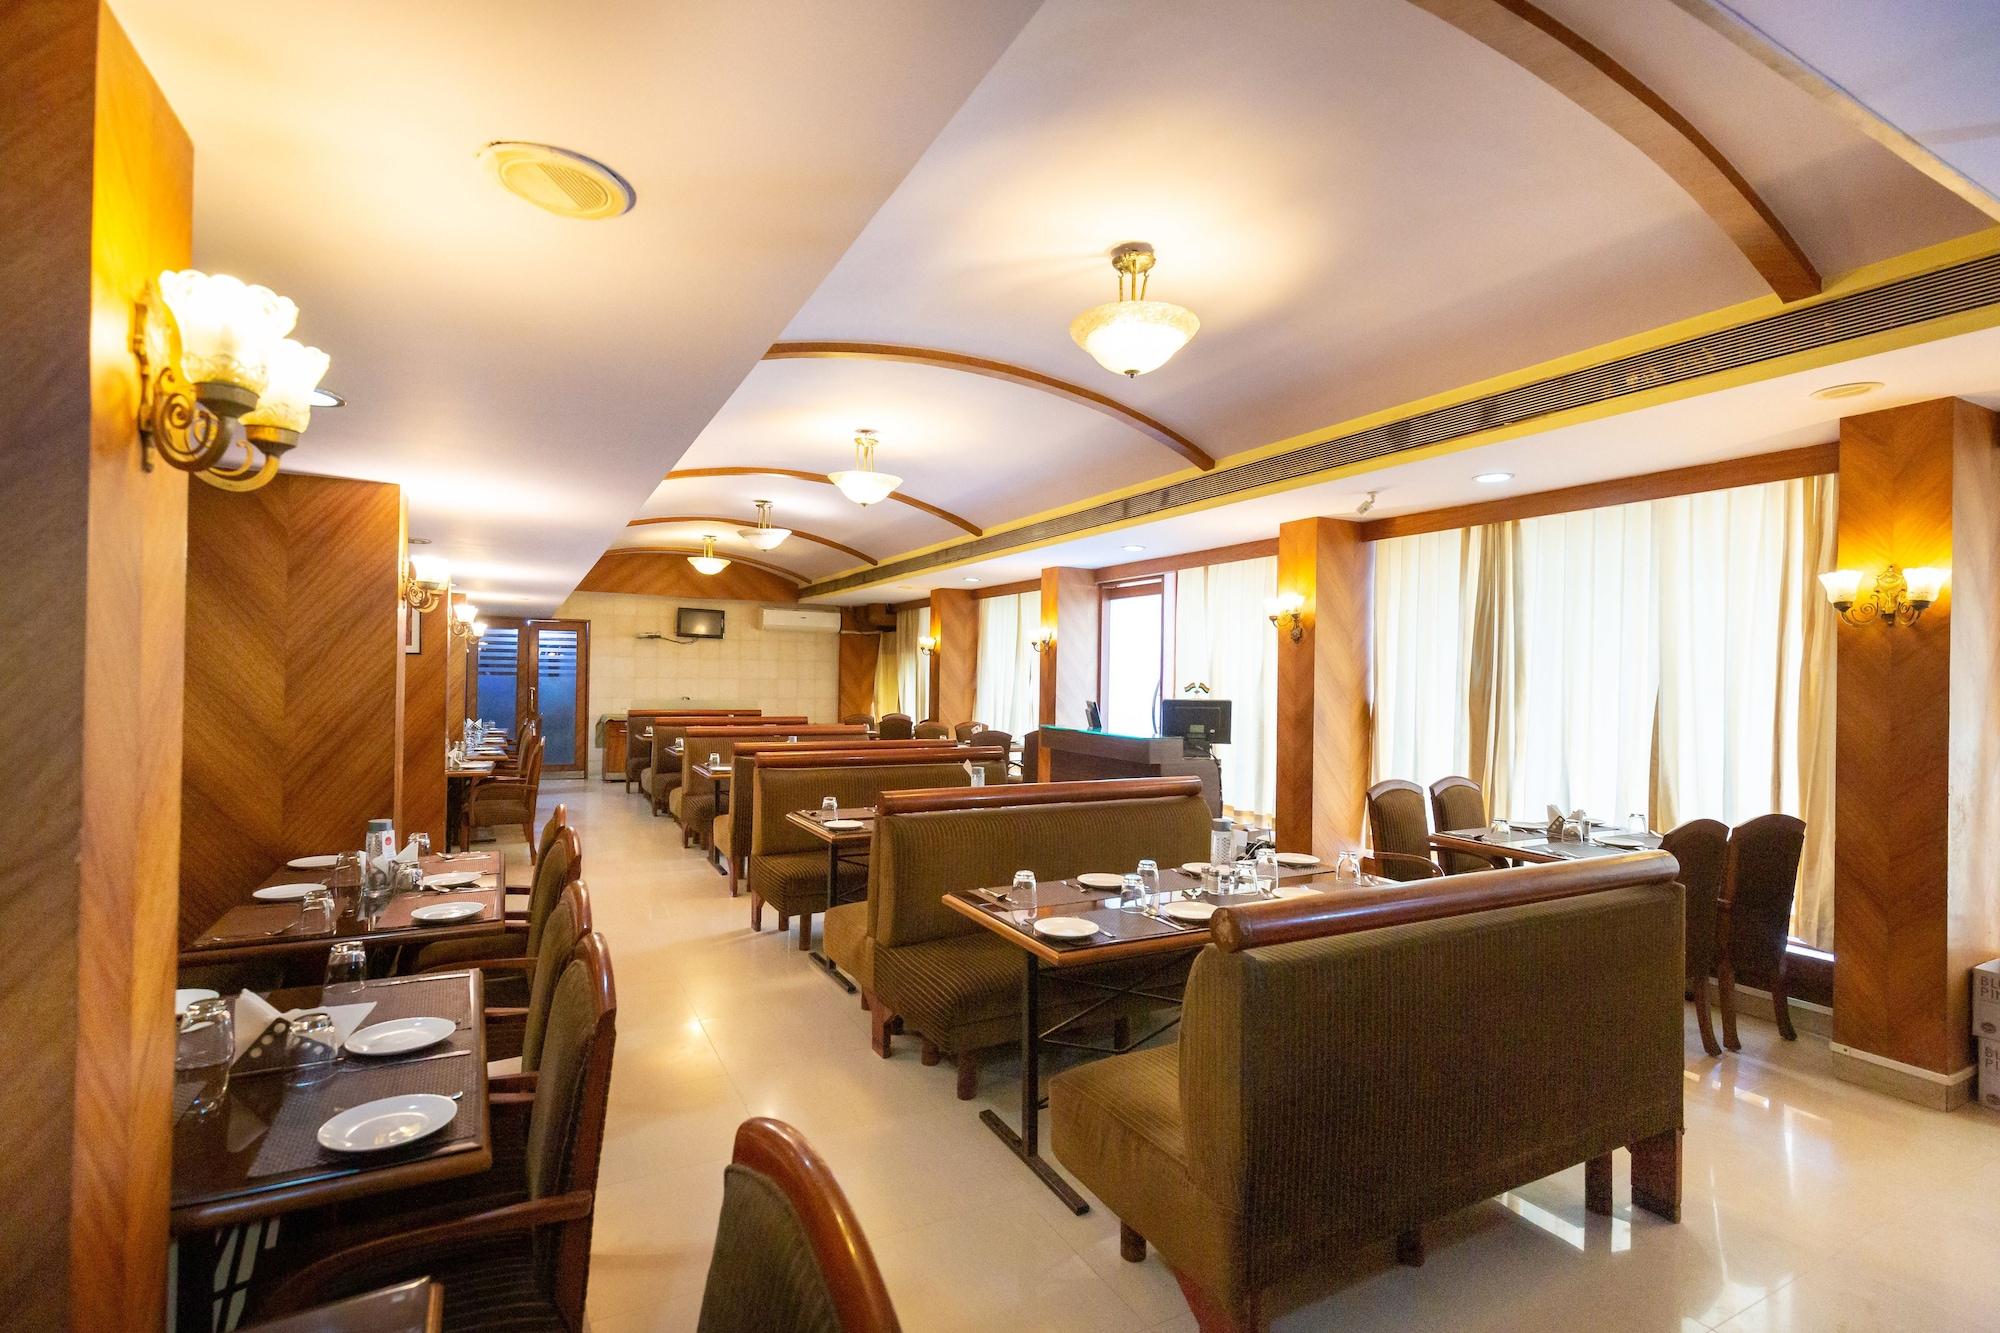 Hotel Express Inn, Palghar